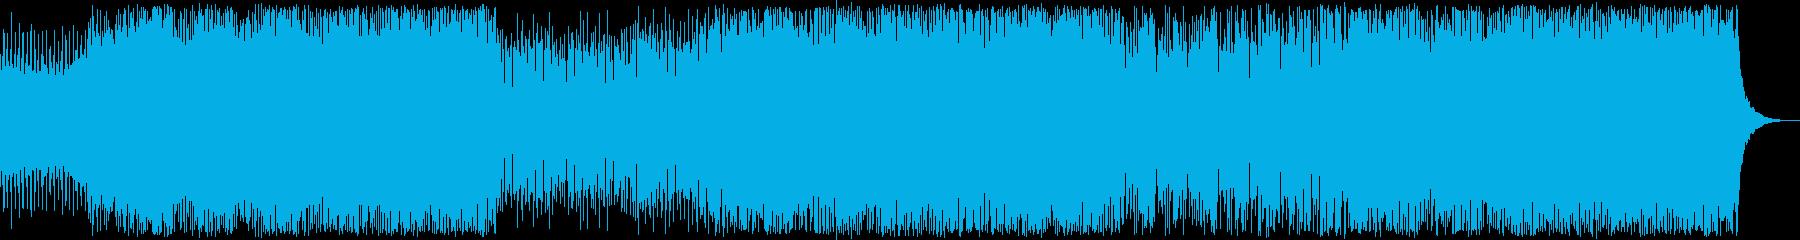 ダークで緊迫感あるテクノ・トランスの再生済みの波形